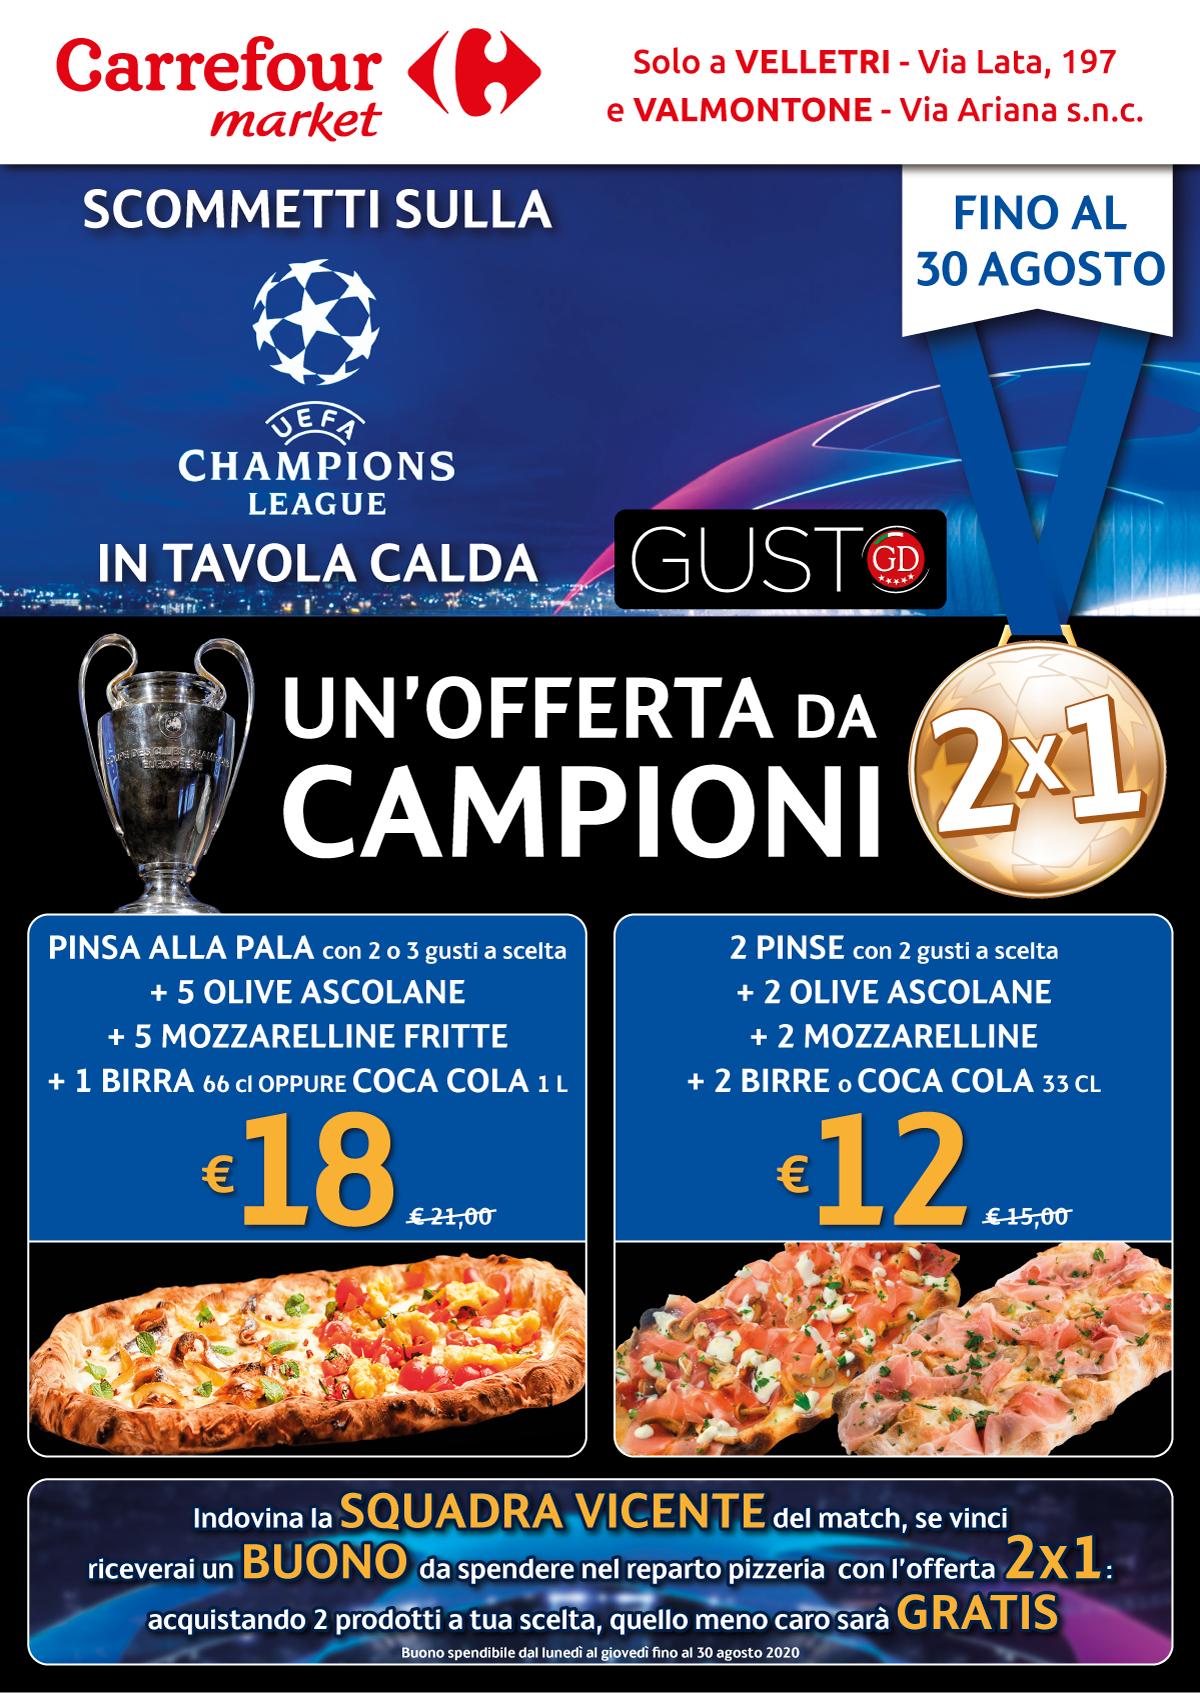 Gusto-GD_Deserti_via-lata-valmontone-offerte-champions-league